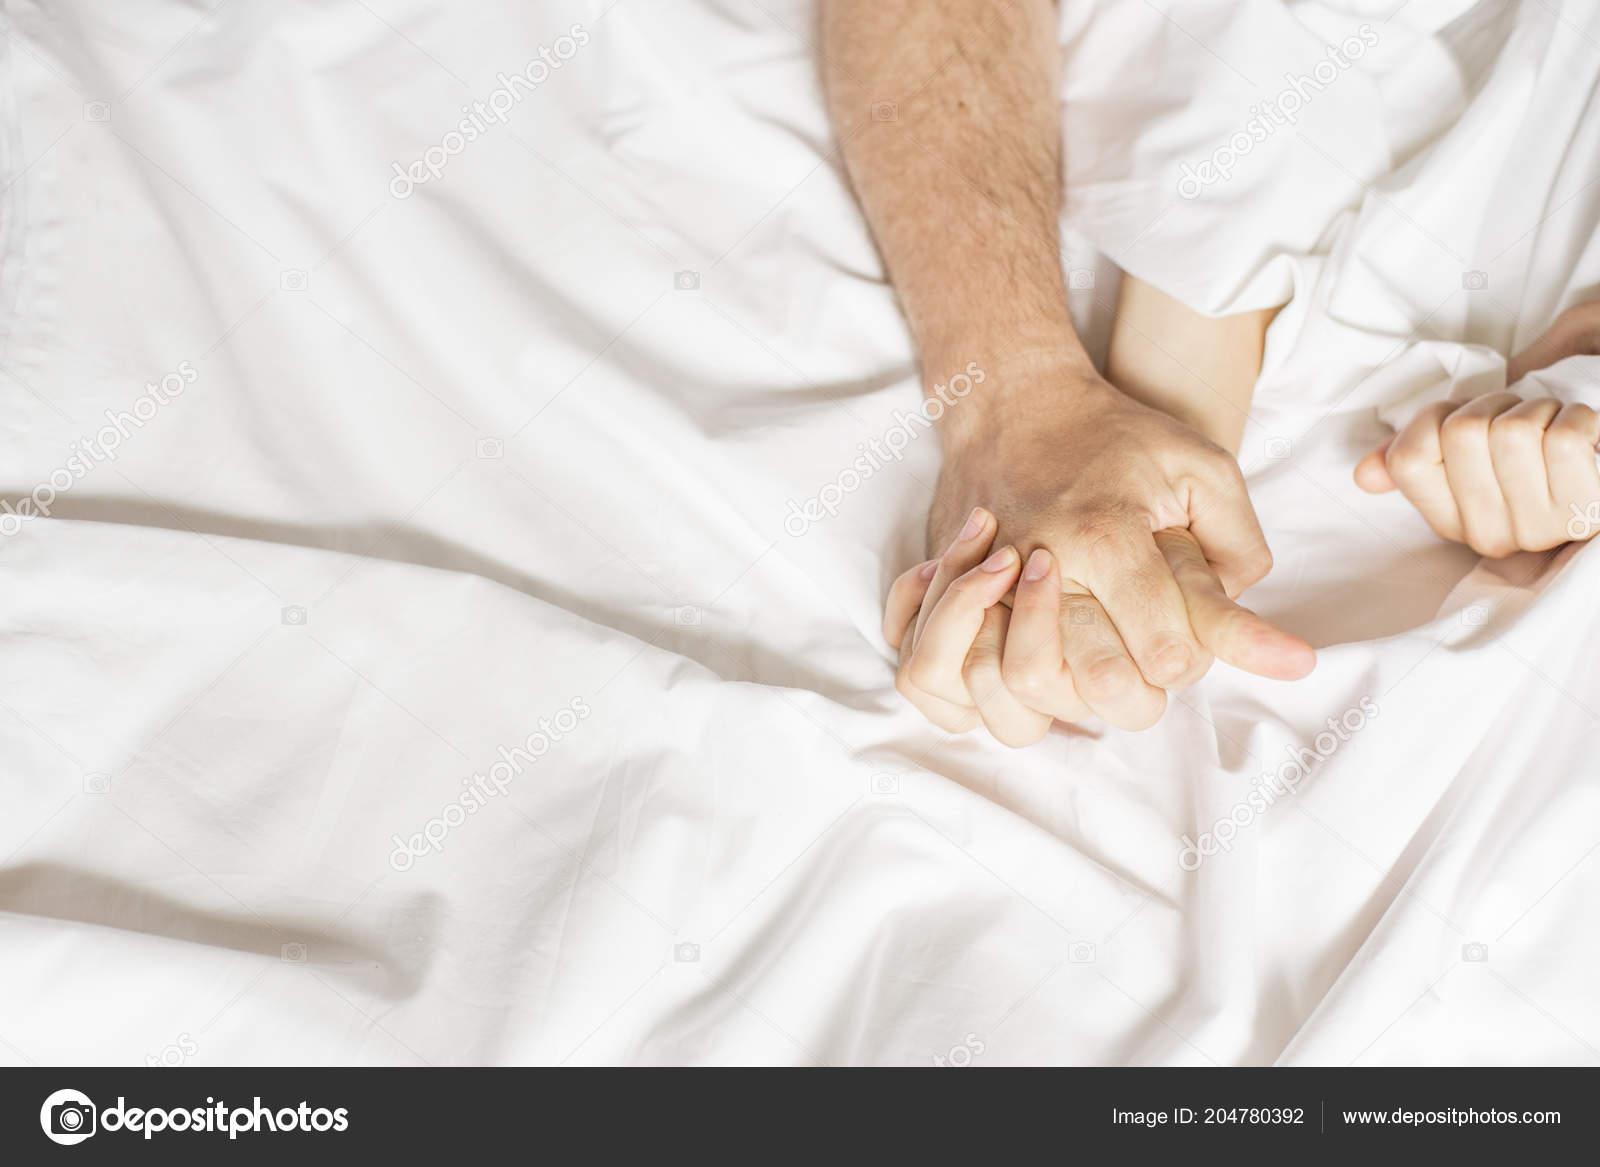 mladý ženský orgasmus zralý anální sex.com